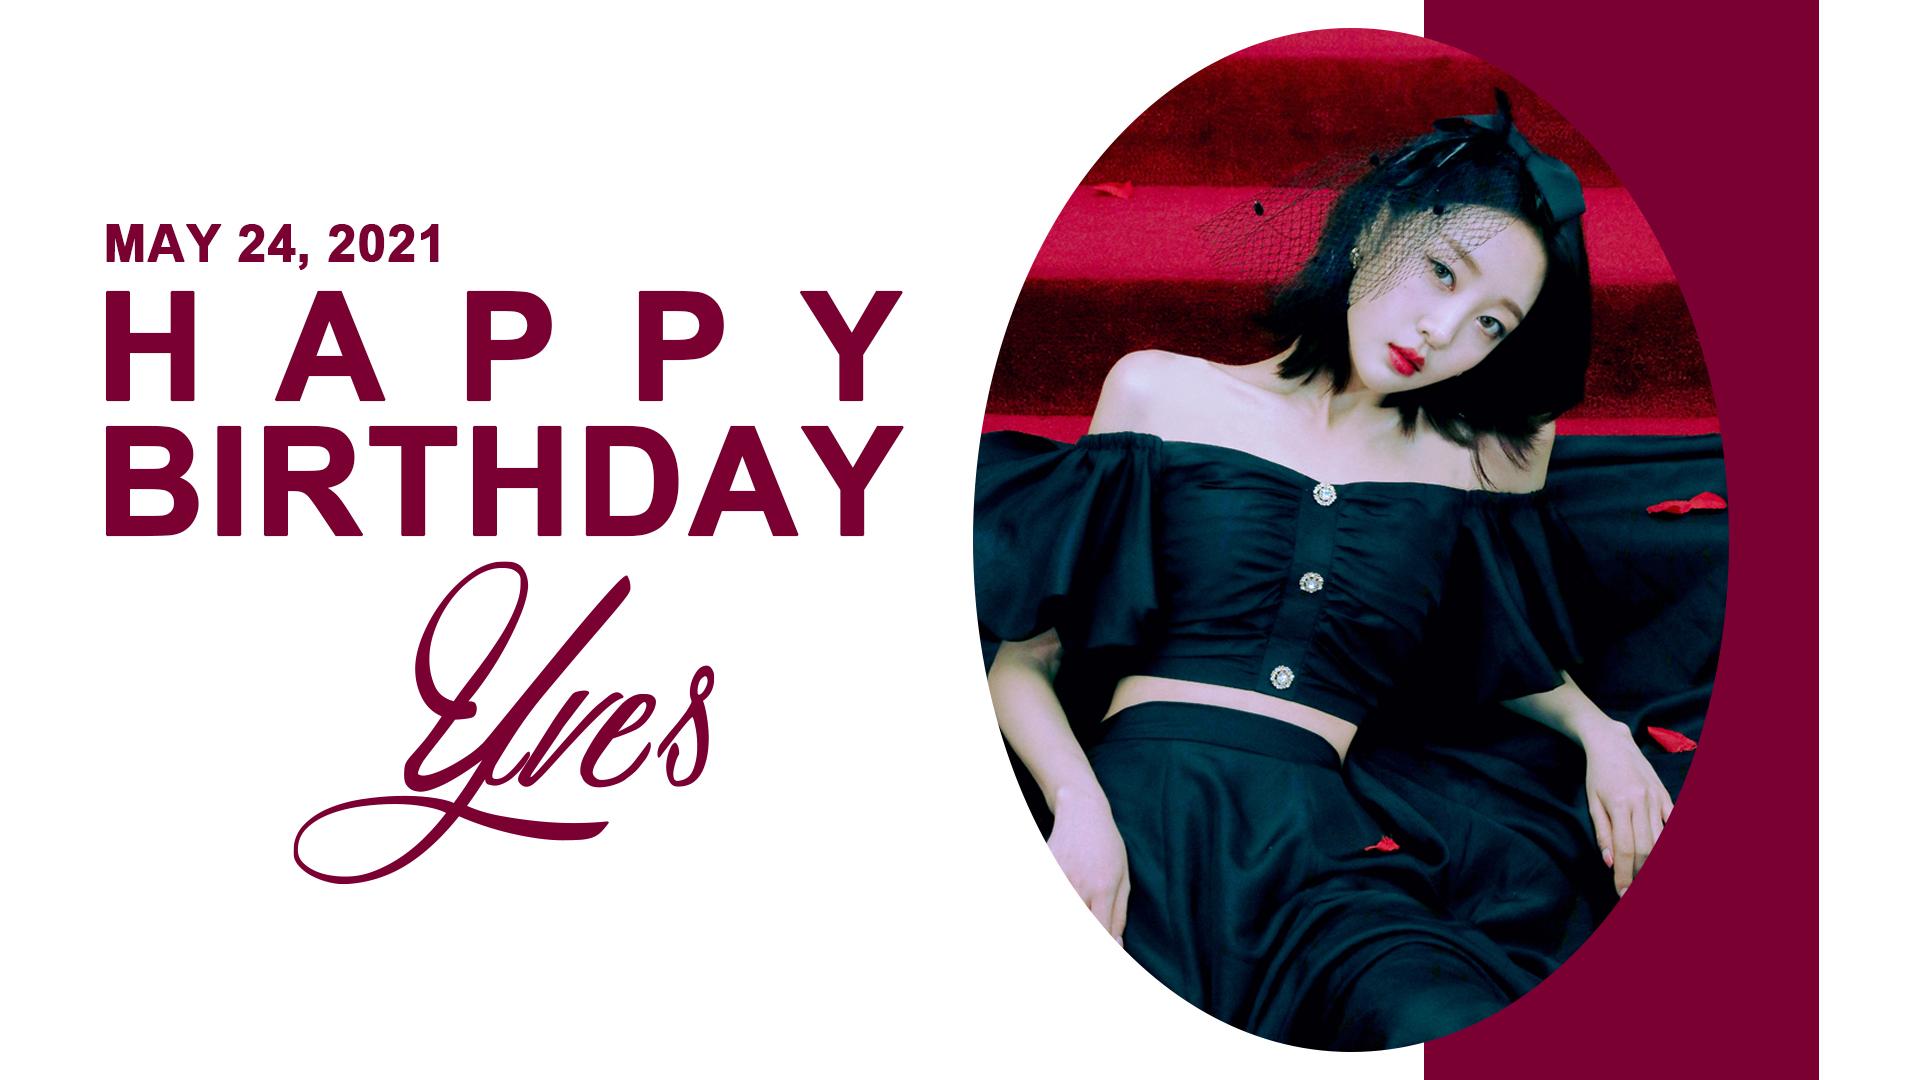 [이달의 소녀] 하부장님 생일파티